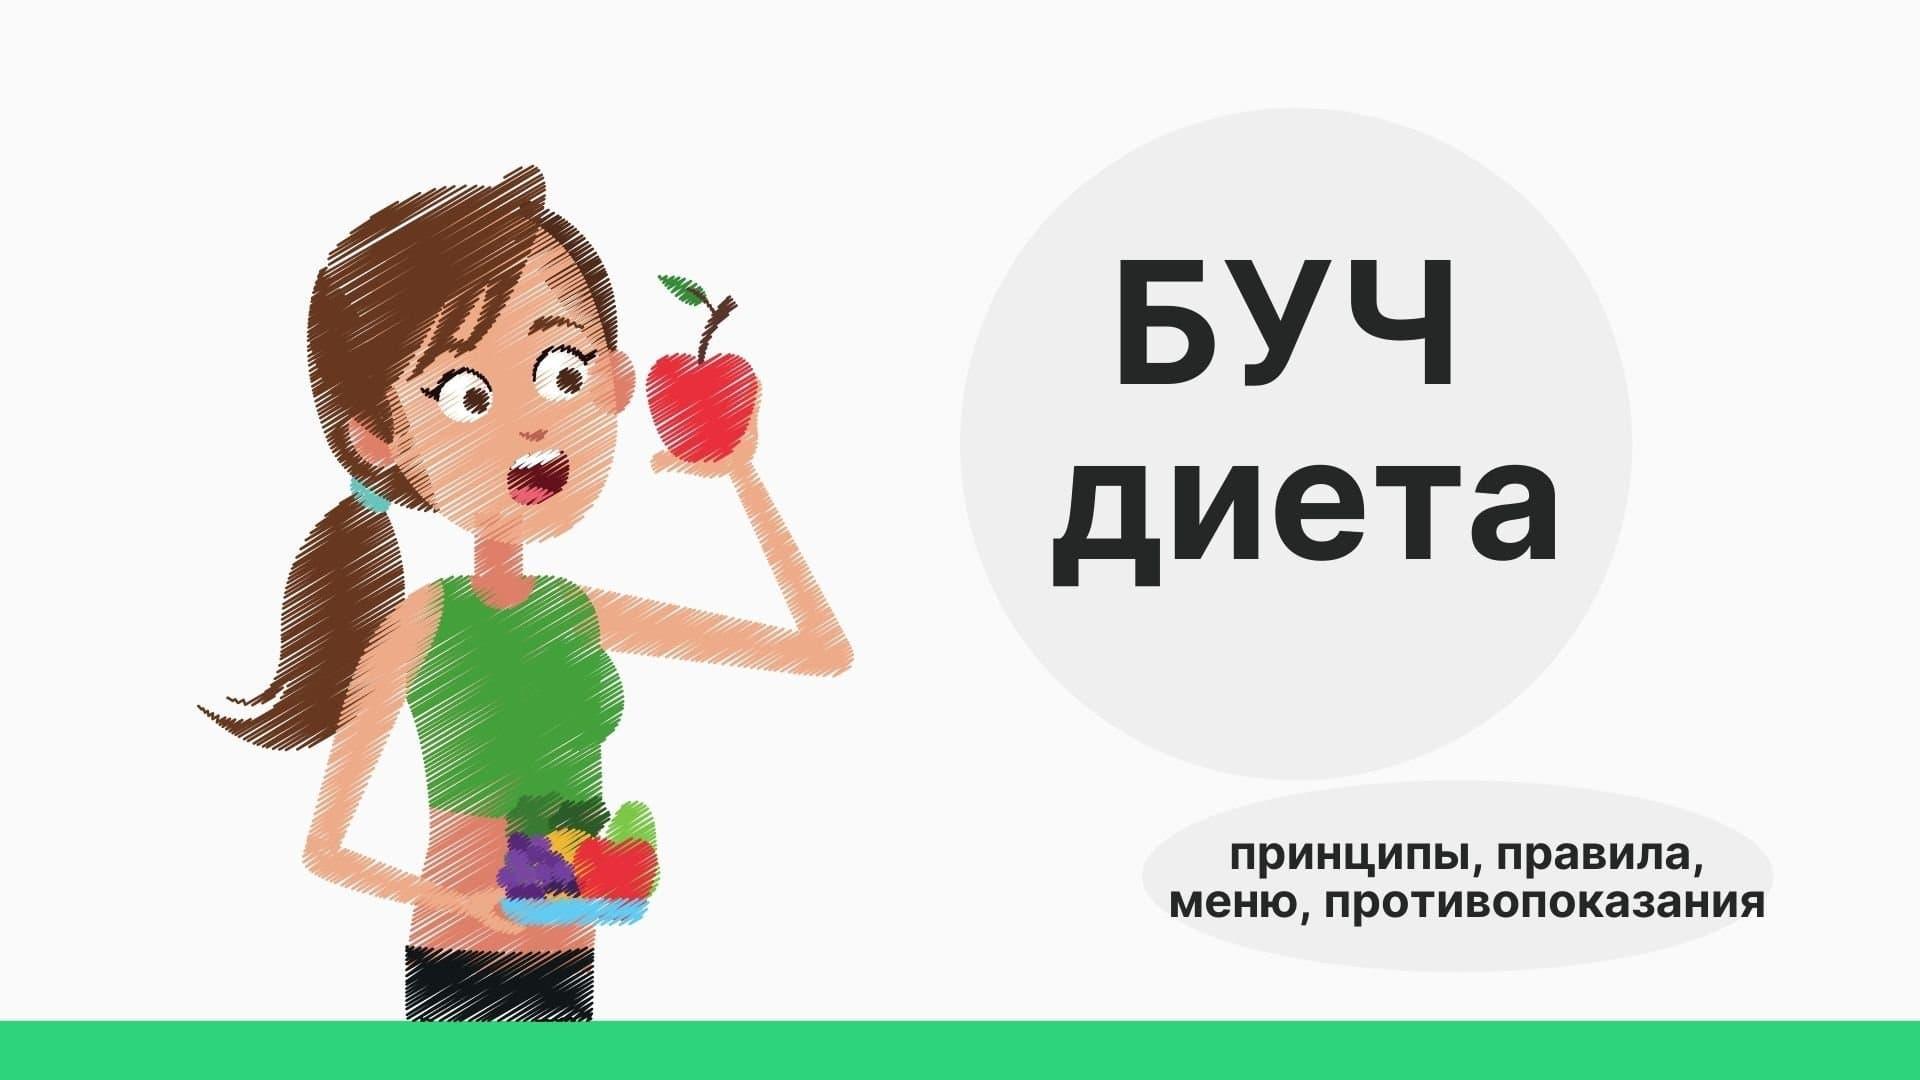 БУЧ диета: принцип питания и правила составления рациона, меню на неделю, противопоказания и отзывы